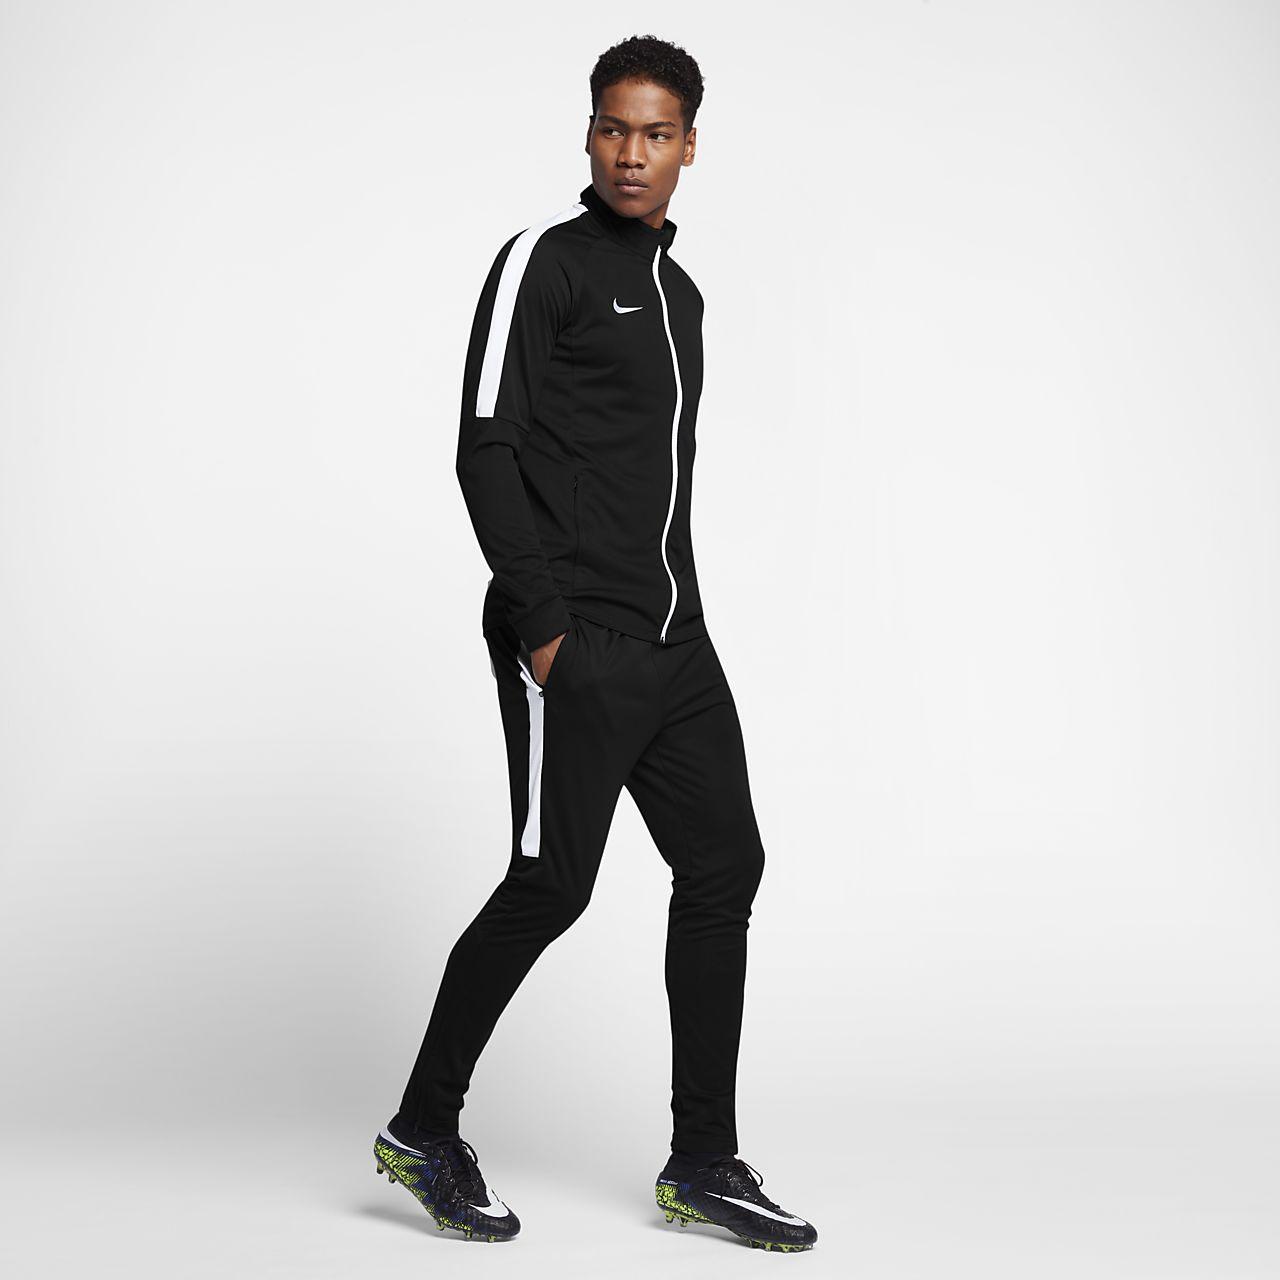 Nike Dri-FIT - fodboldtræningsdragt til mænd